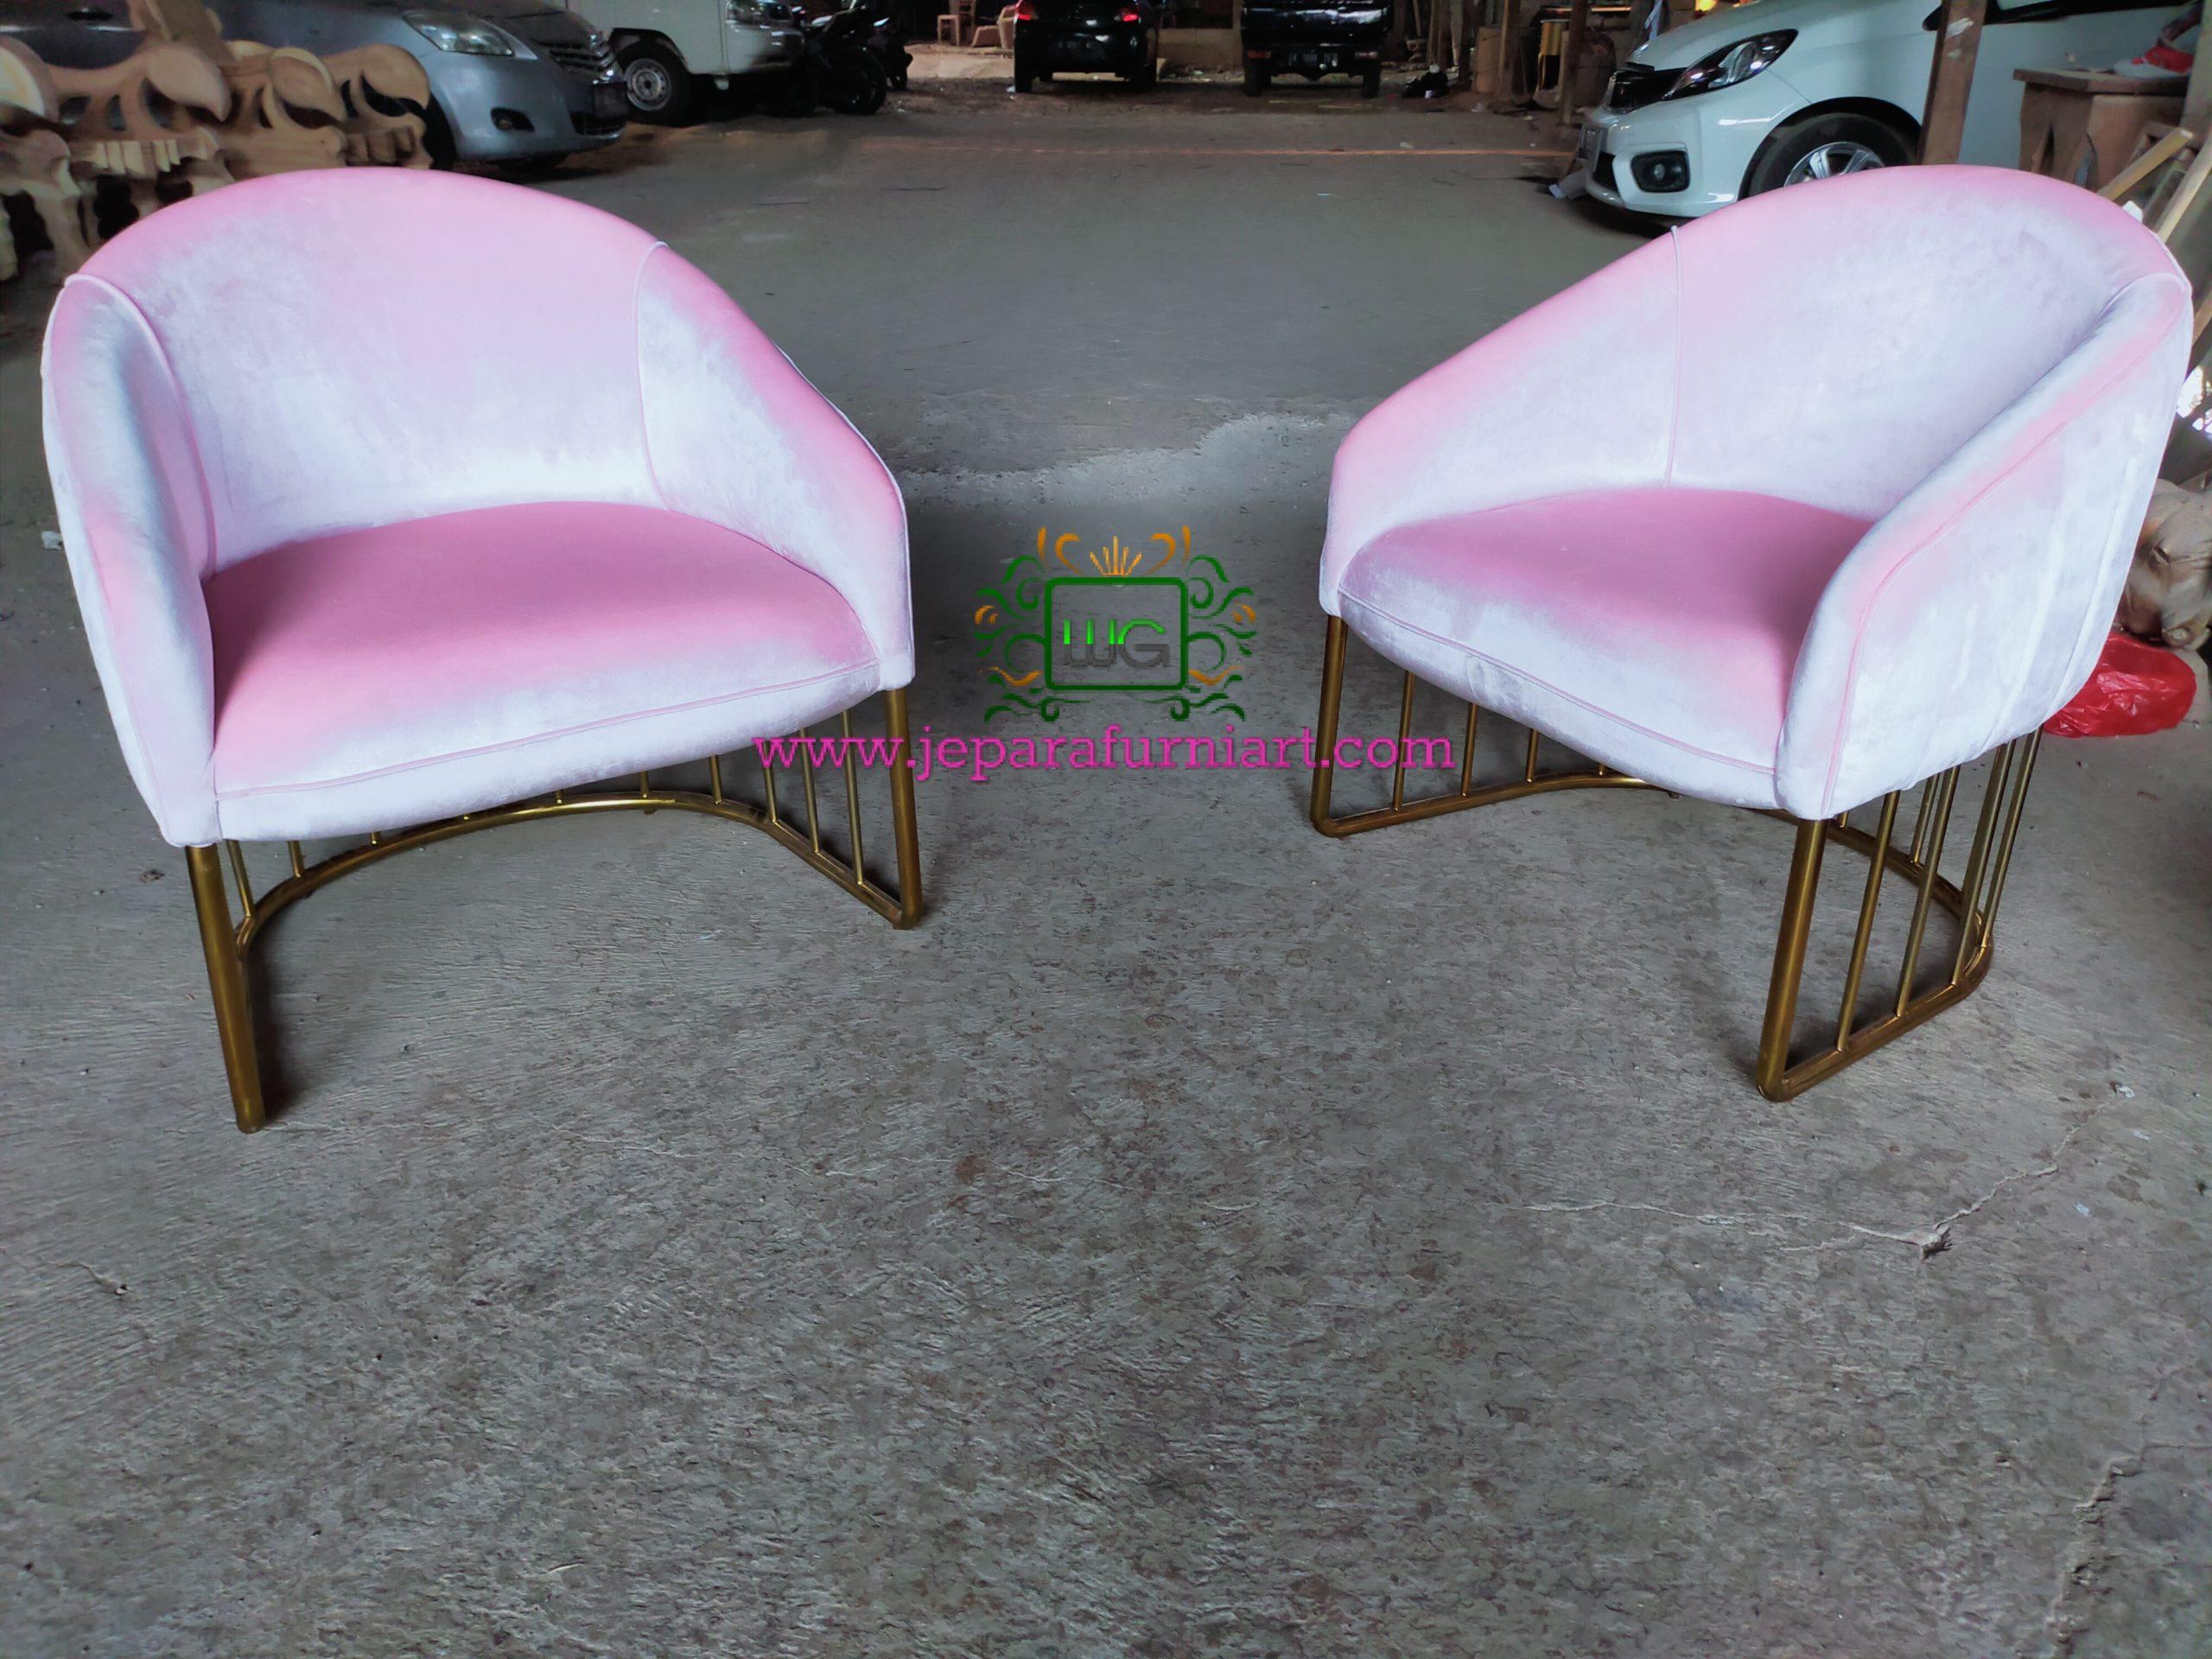 Kursi sofa kaki stainless